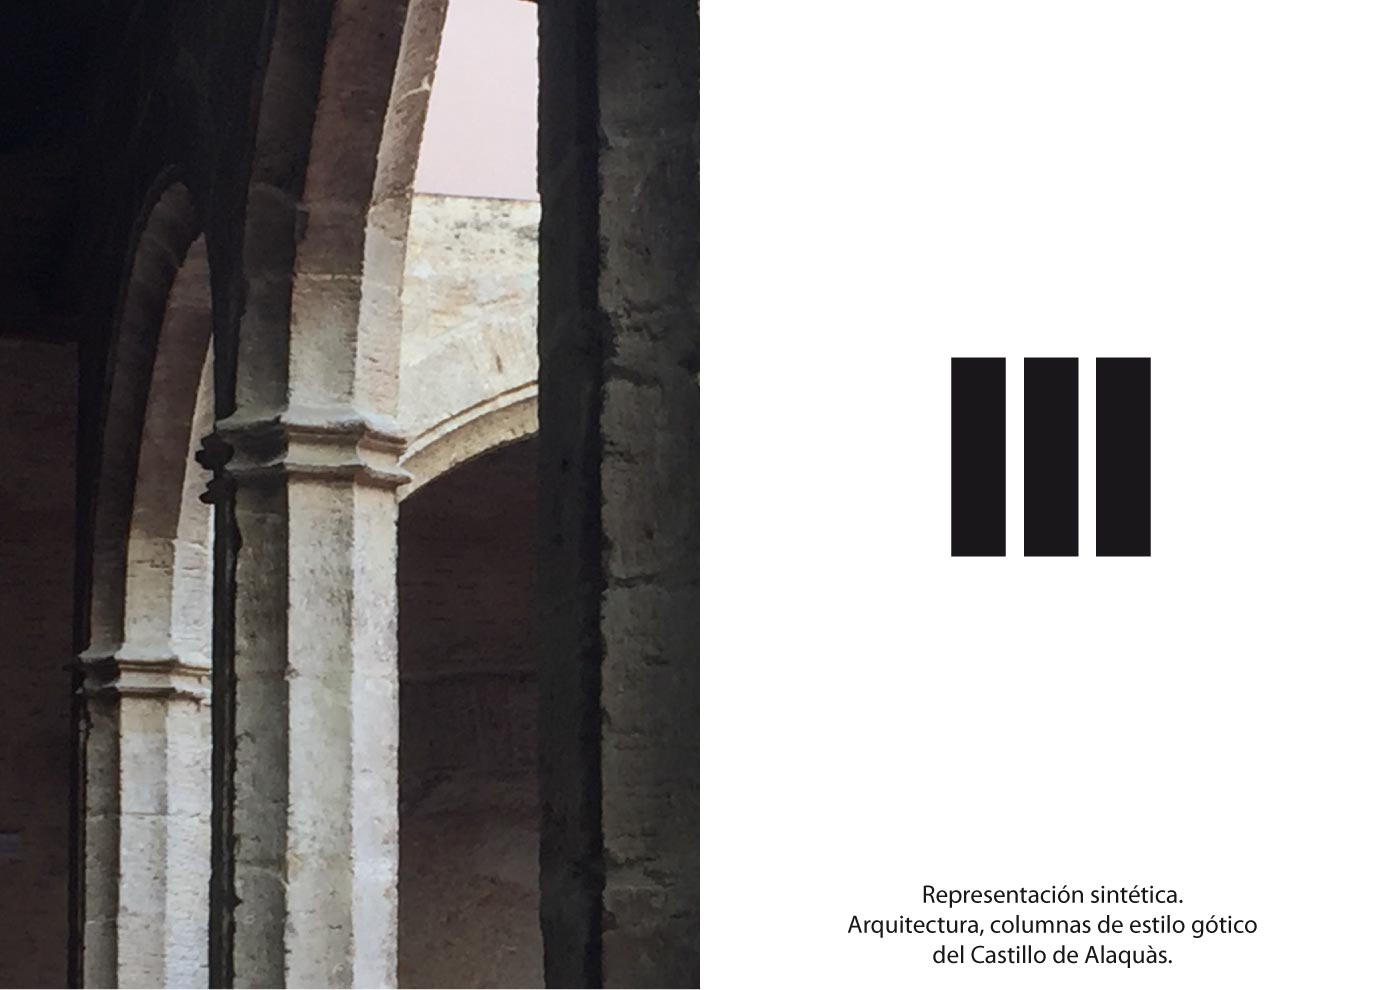 100-centenario-castillo-alaquas-artesonado-arquitectura